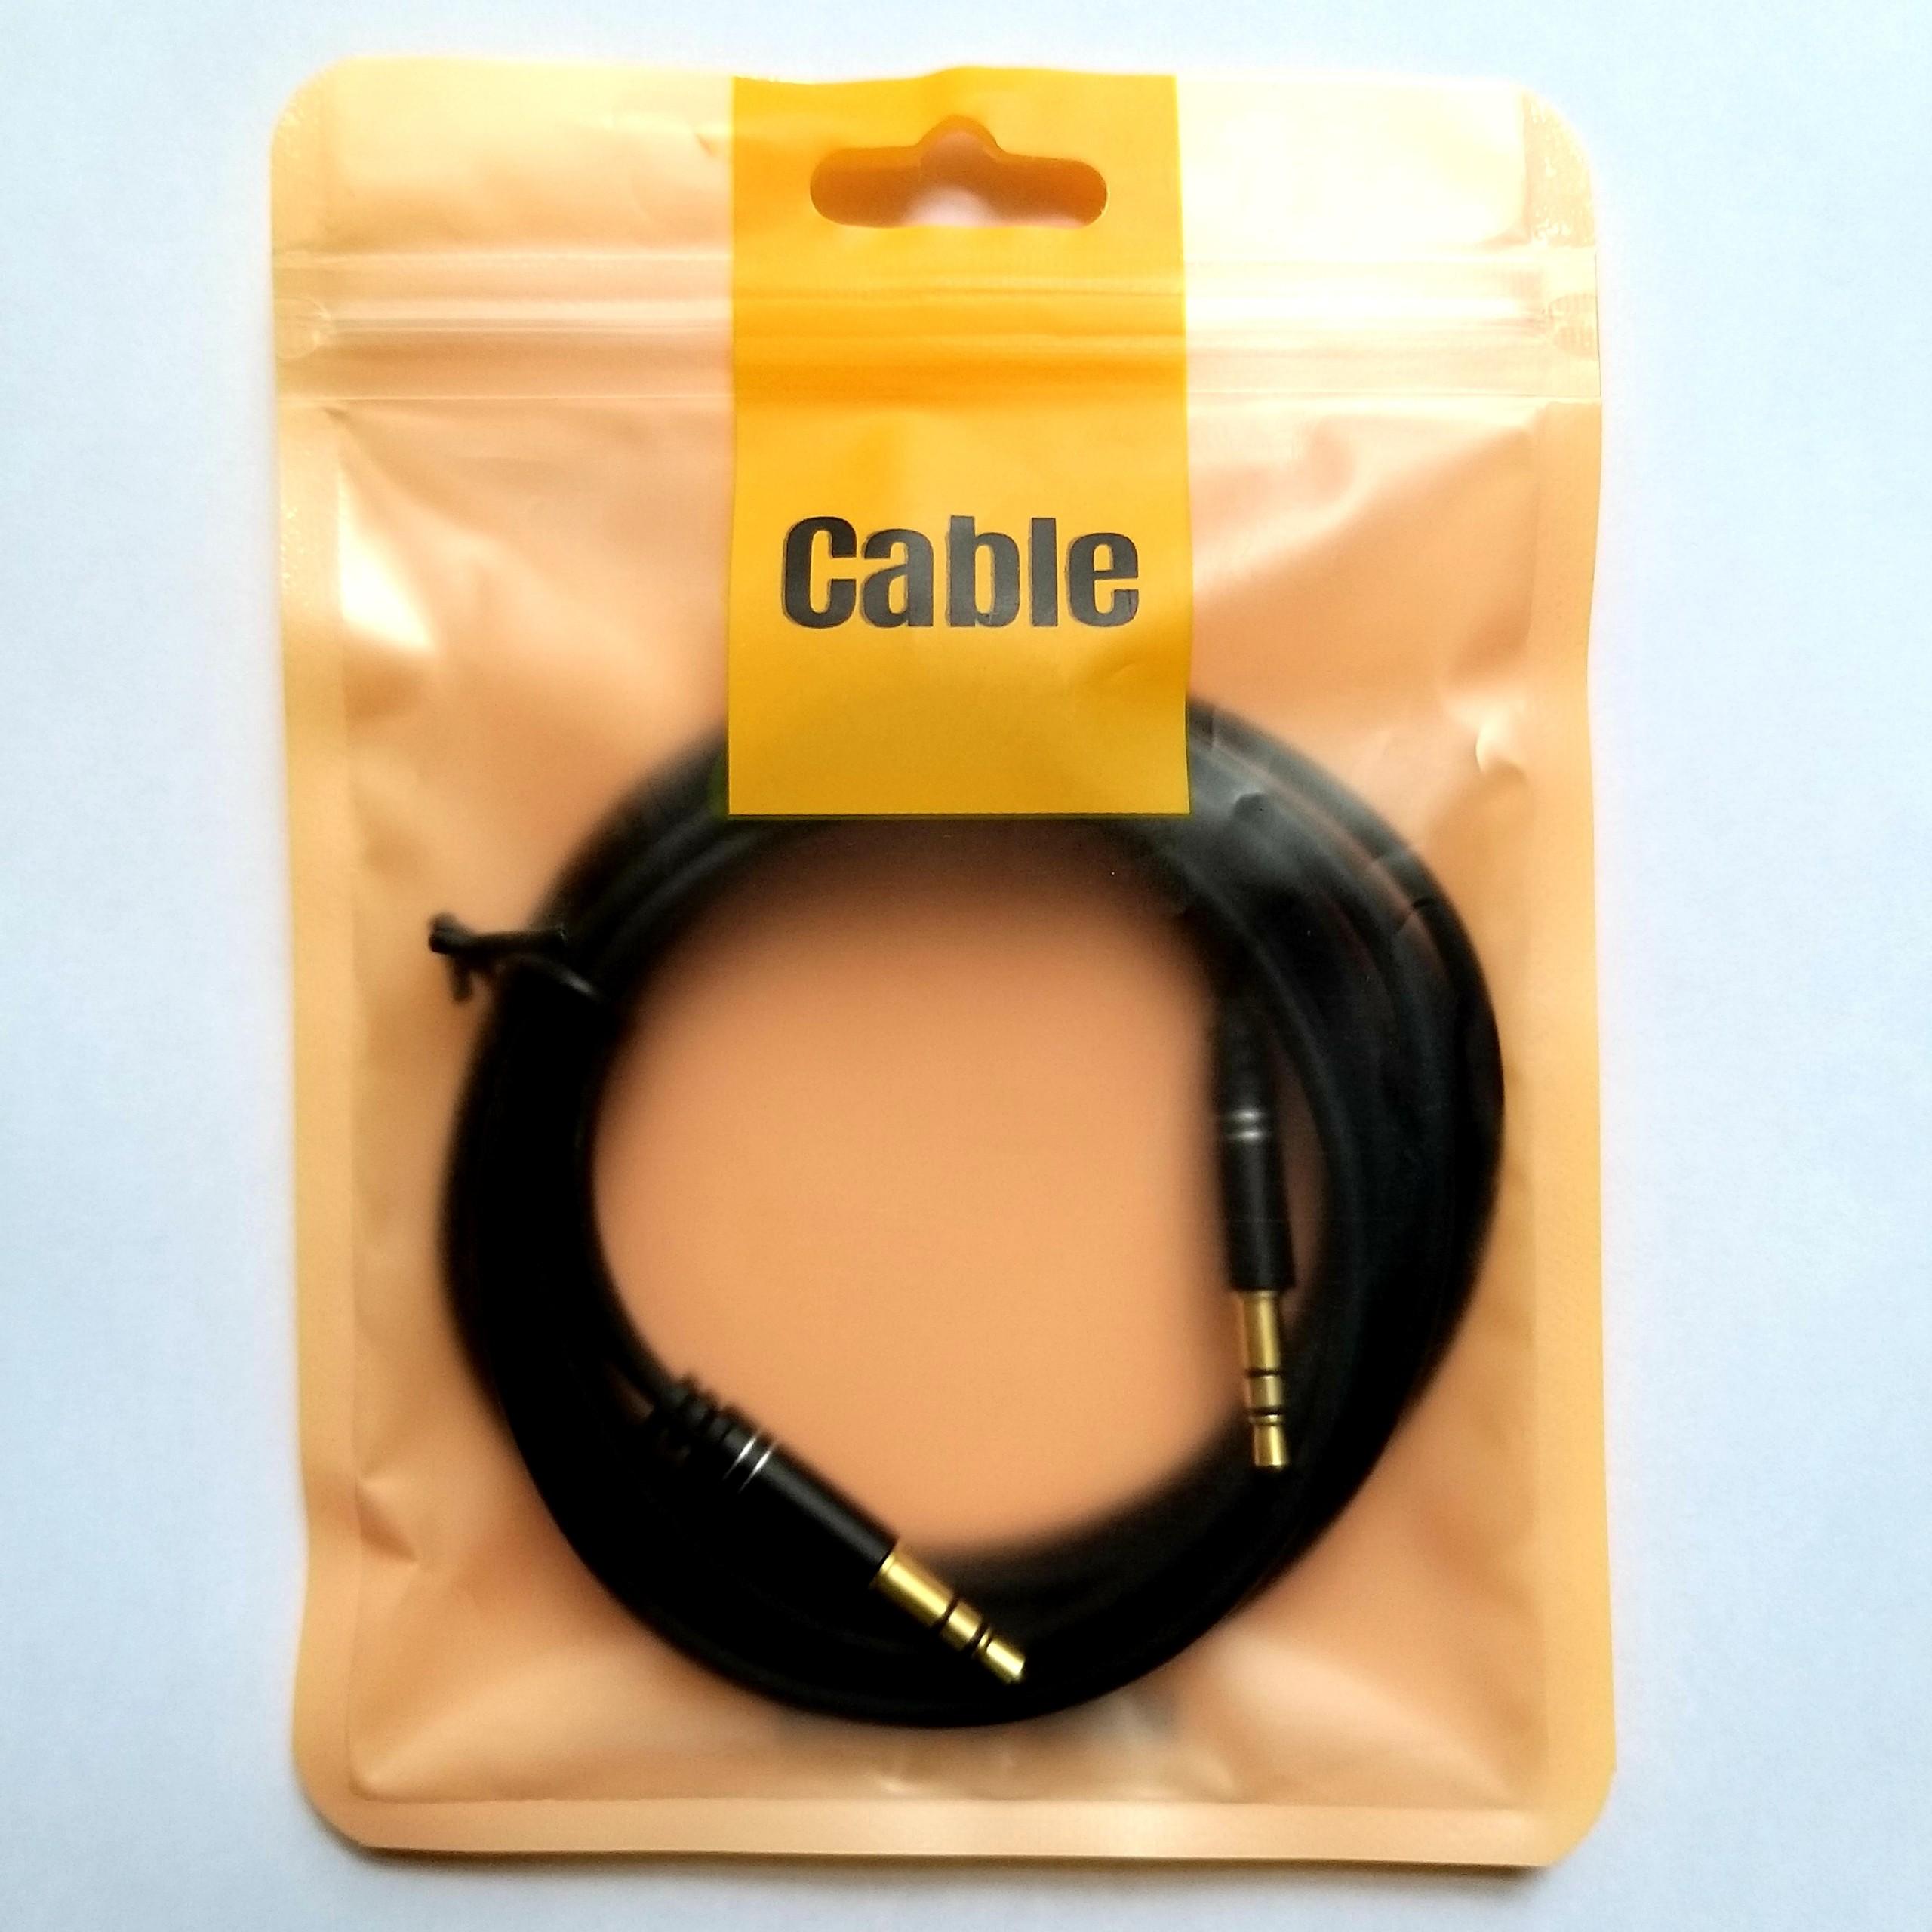 Dây cáp audio ( cap kết nối âm thanh) 3.5-3.5mm dài 2m ( Phát nhạc, thu ấm từ các thiết bị hỗ trợ cổng 3.5mm)